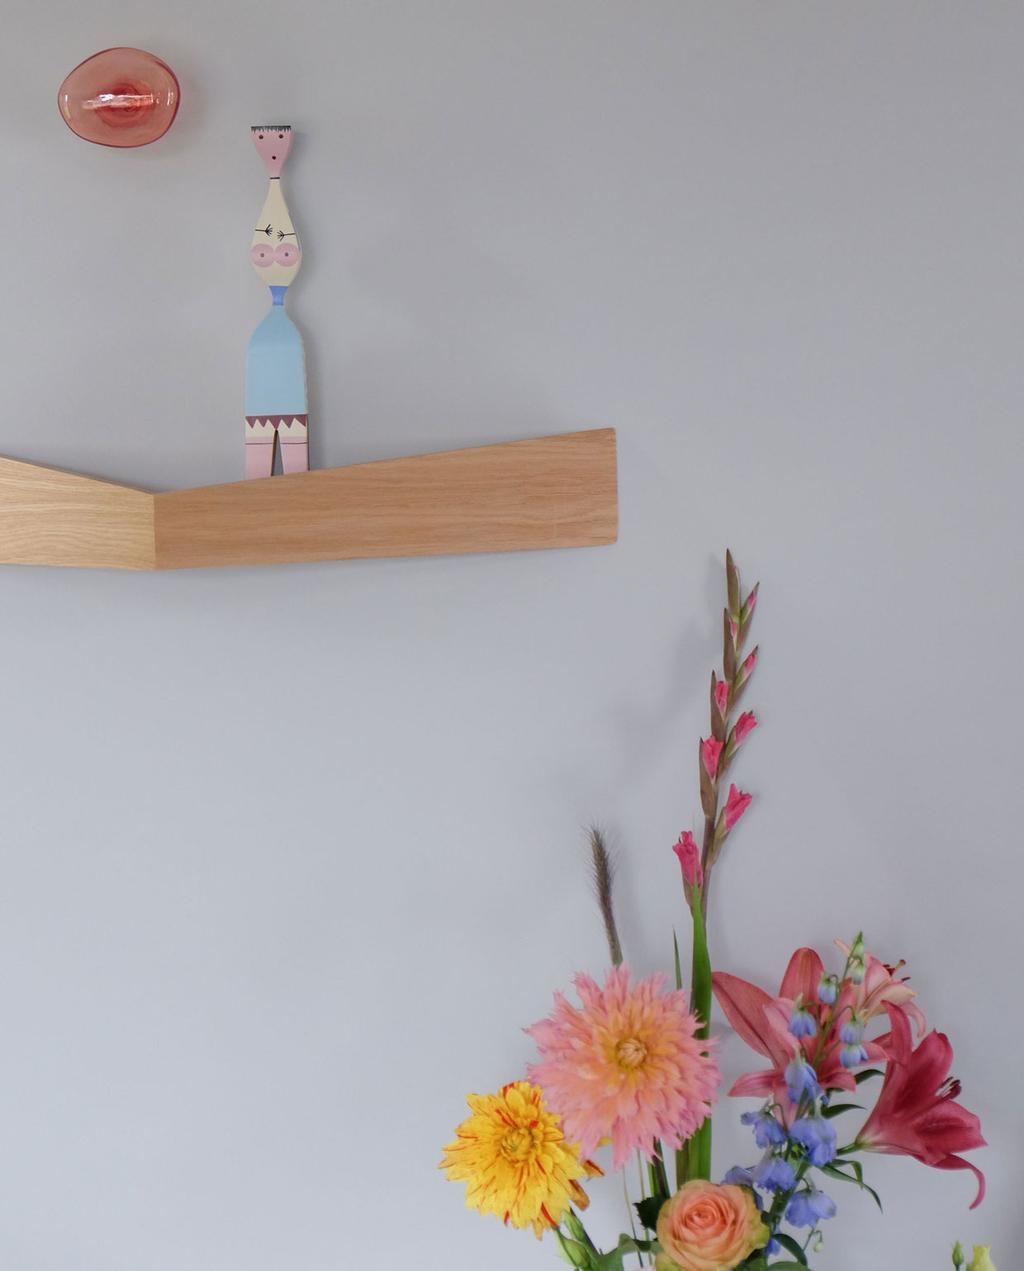 vtwonen | Blog PRCHTG Boobies houten plank